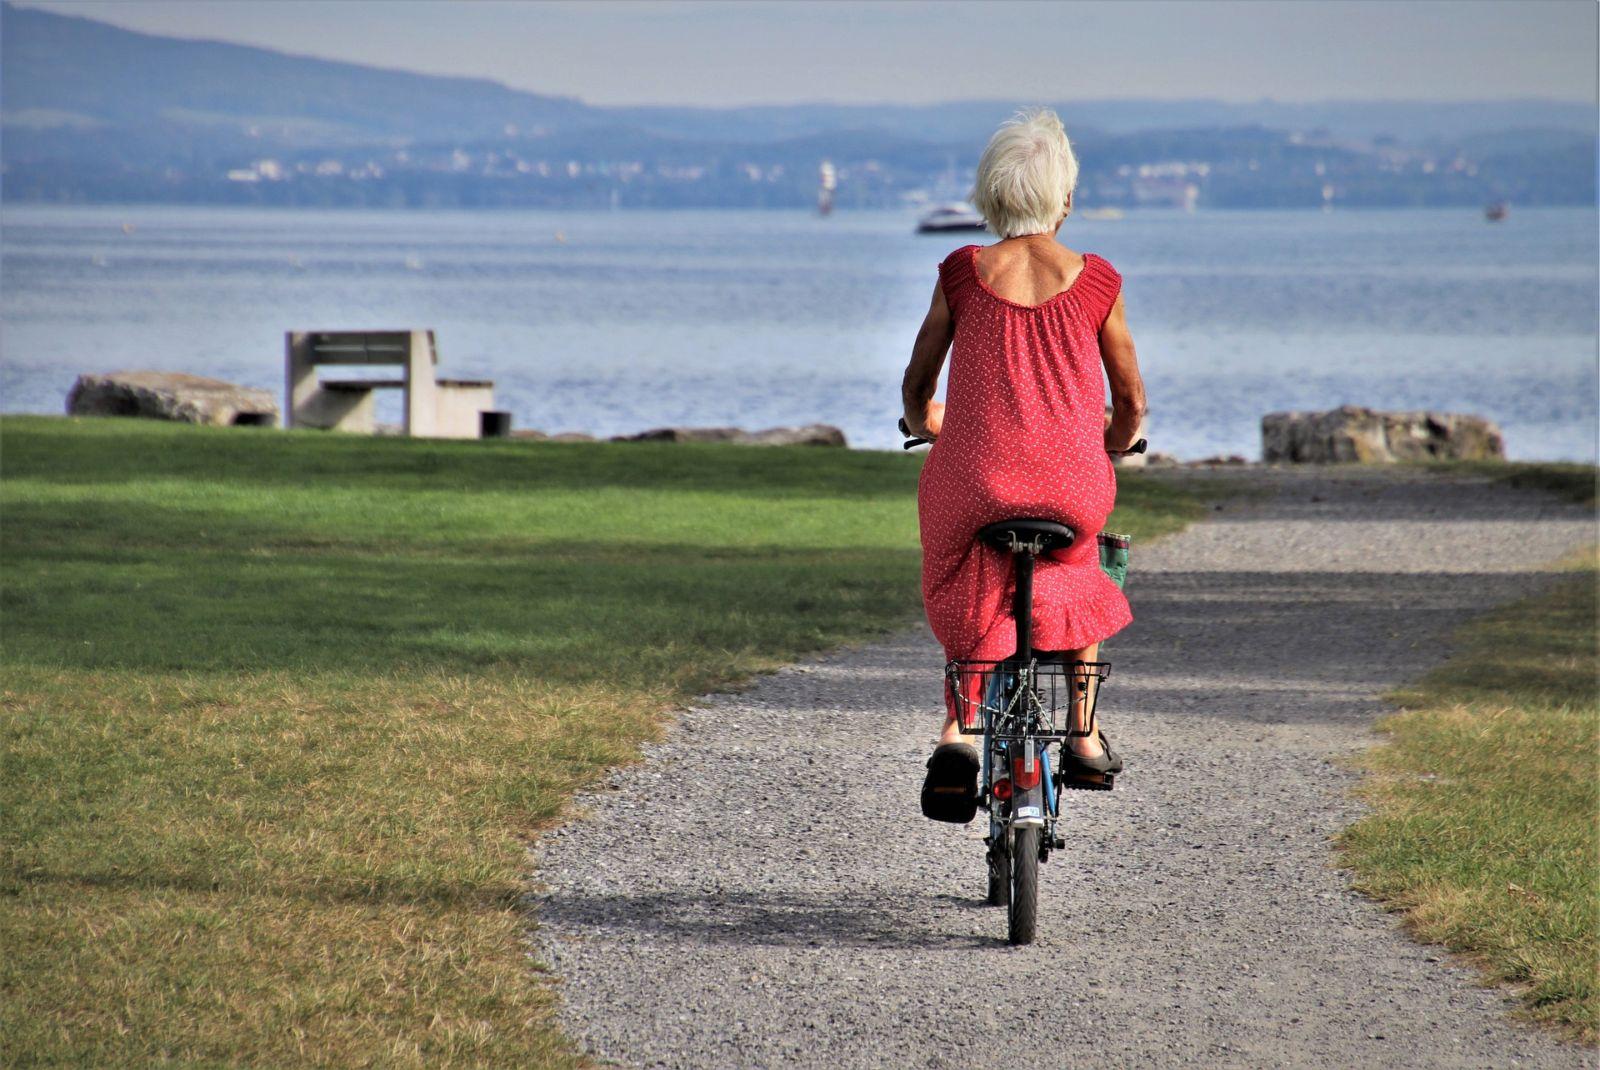 processo di invecchiamento - aging project uniupo